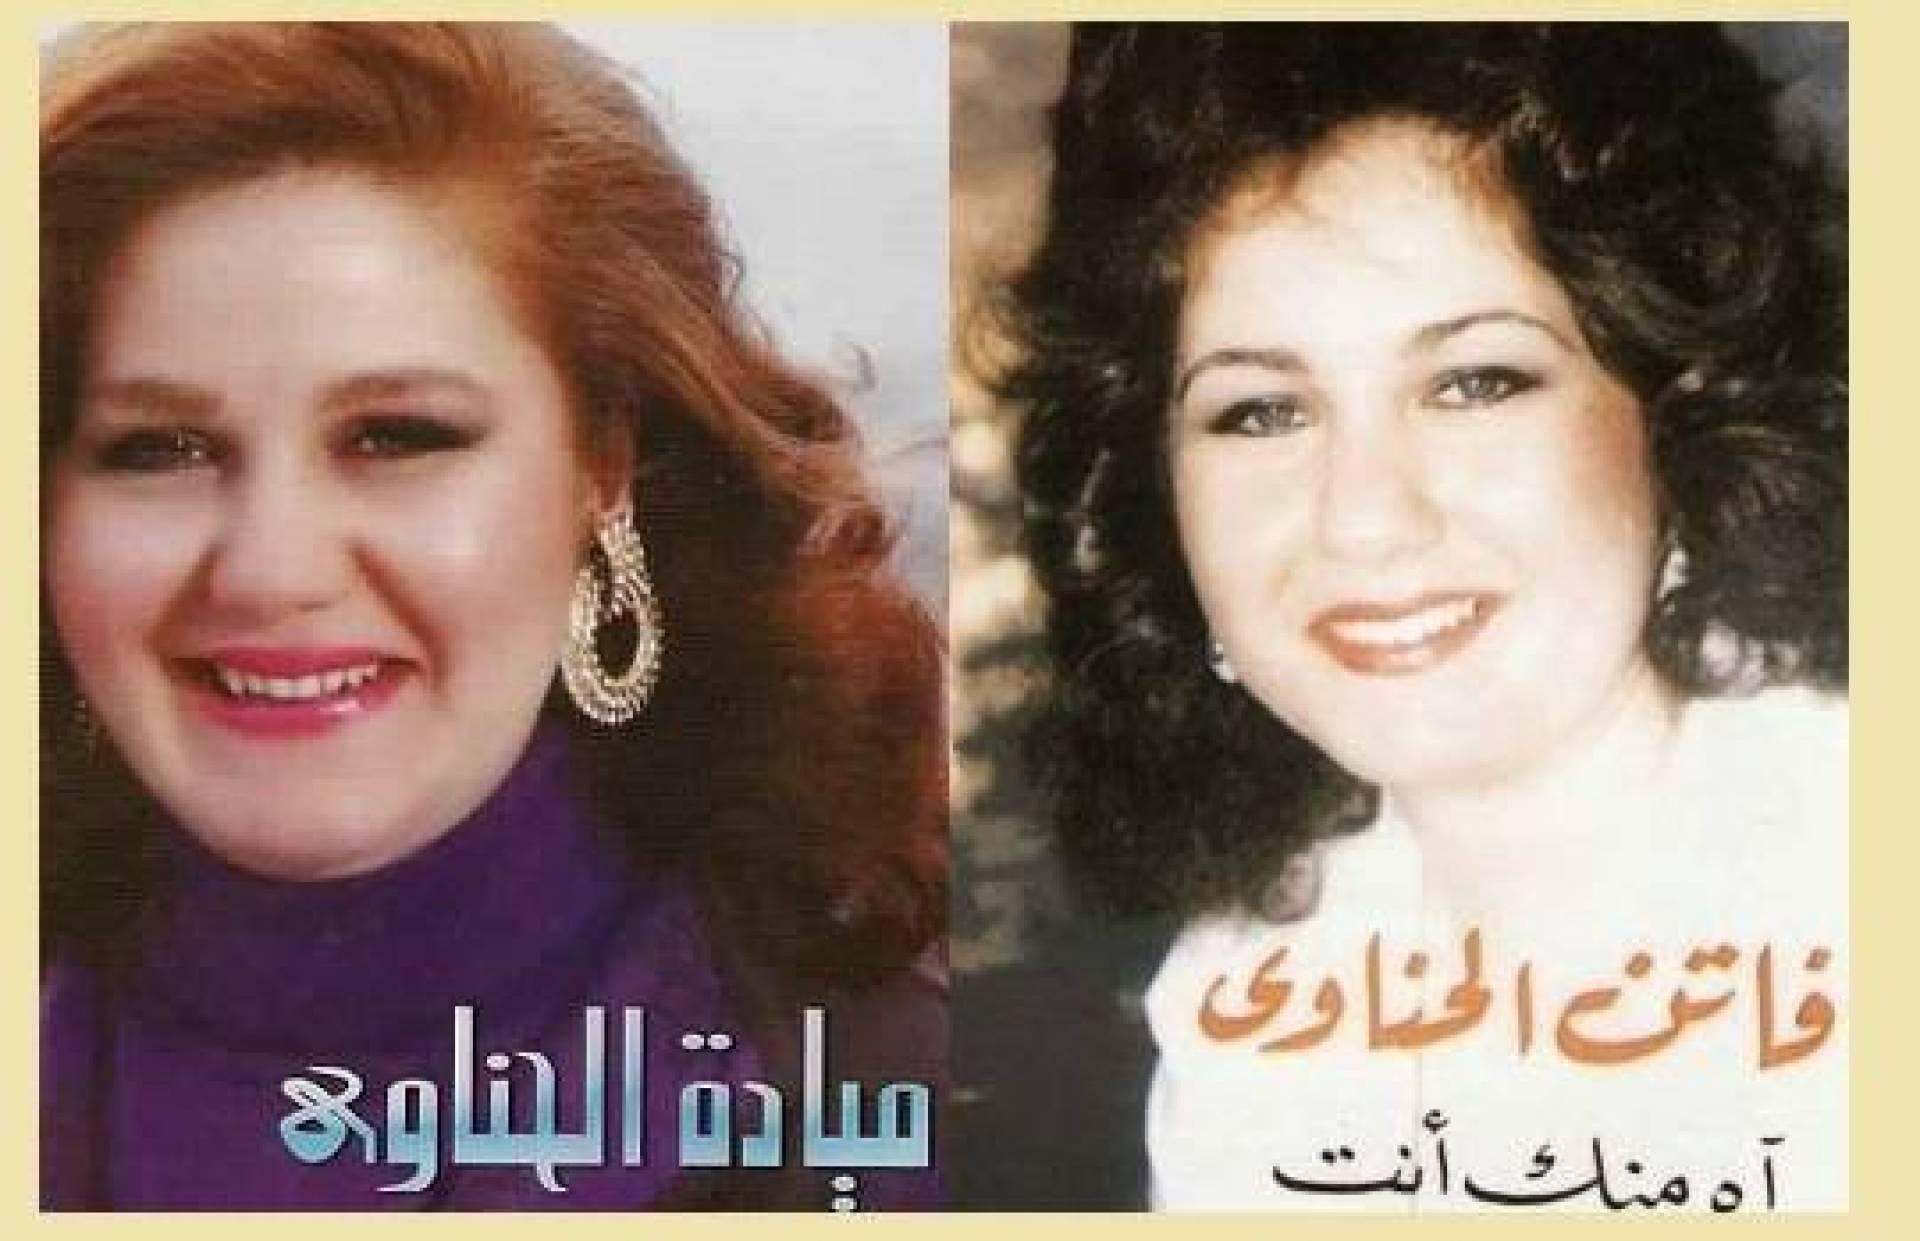 عاجل- وفاة المطربة فاتن الحناوي شقيقة الفنانة ميادة الحناوي... وهذا سبب وفاتها   Laha Magazine